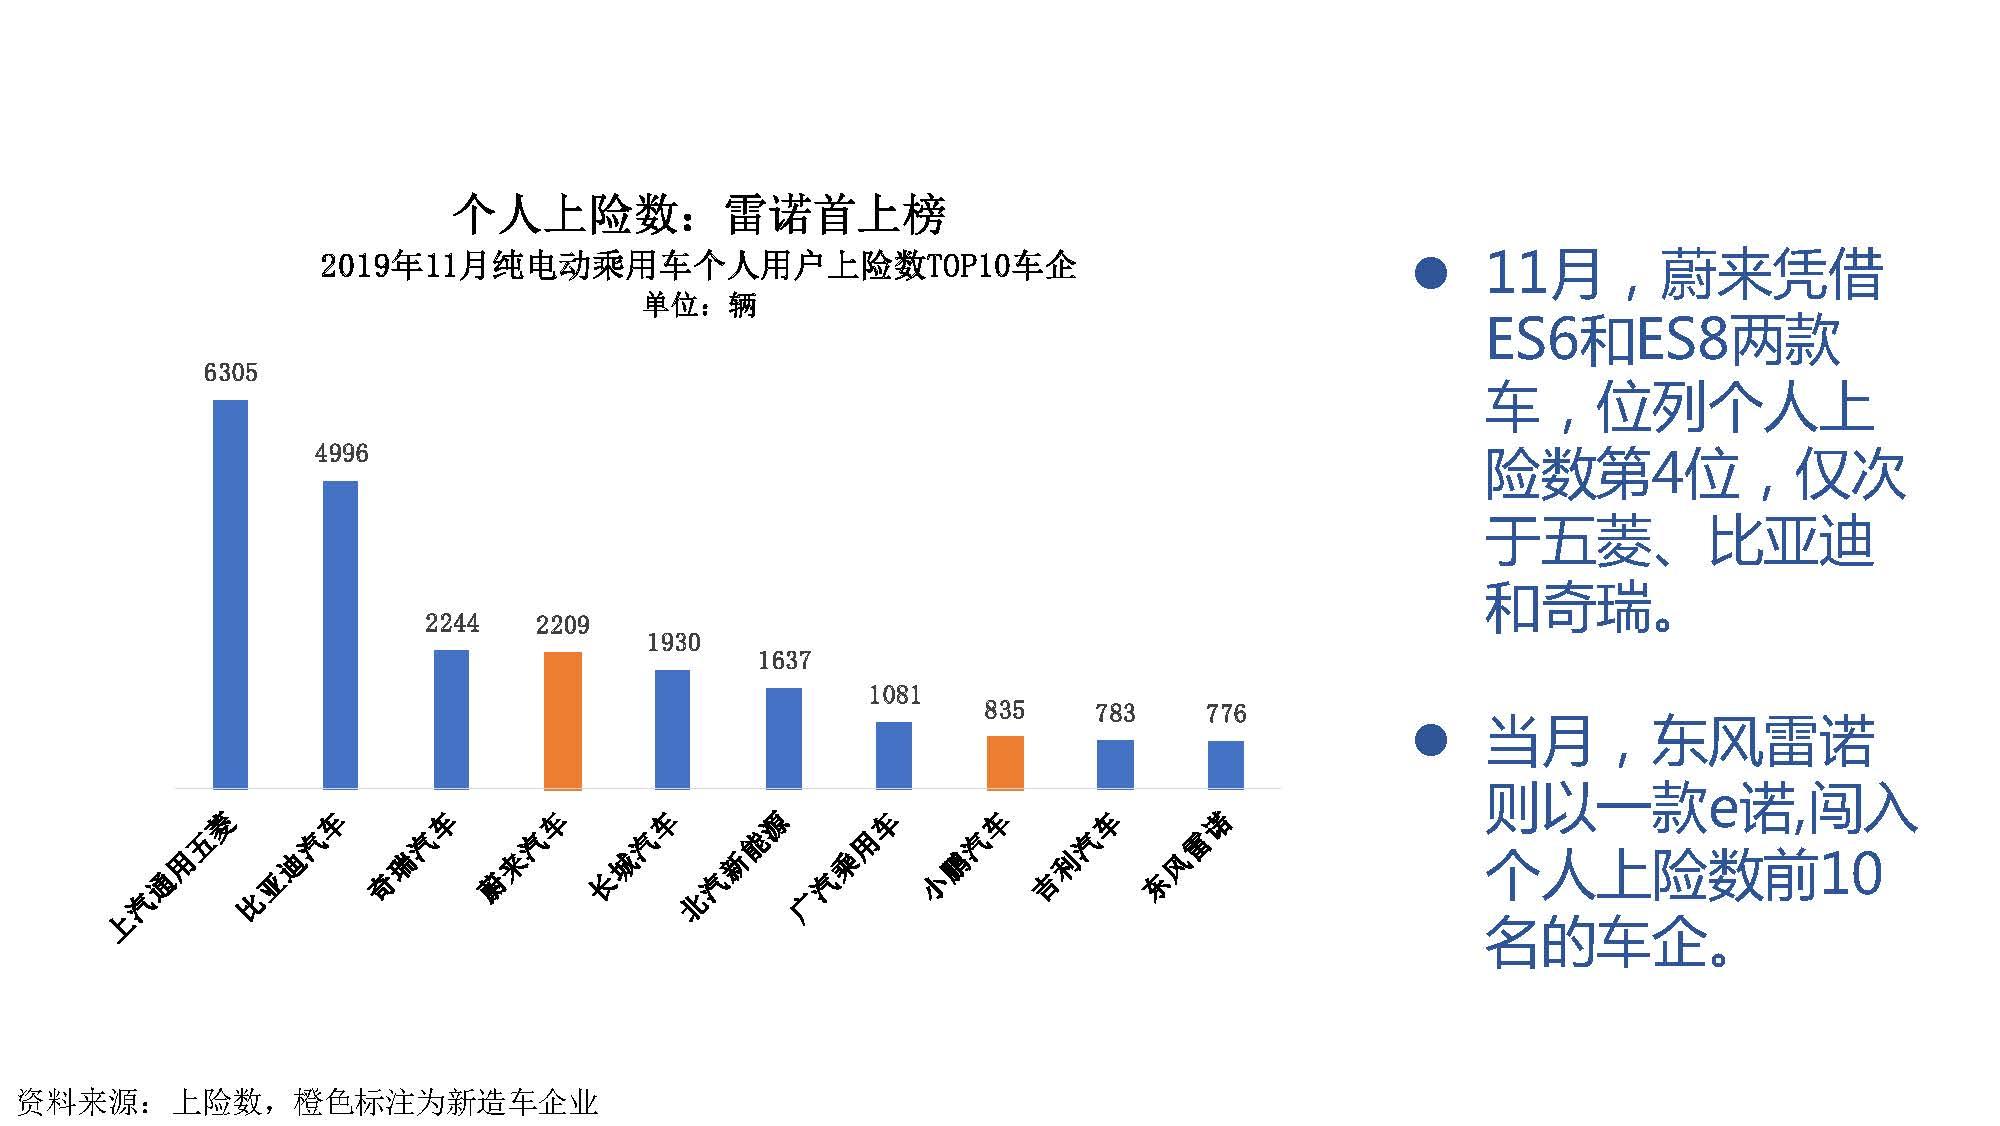 2019年11月中国新能源汽车产业观察_页面_056